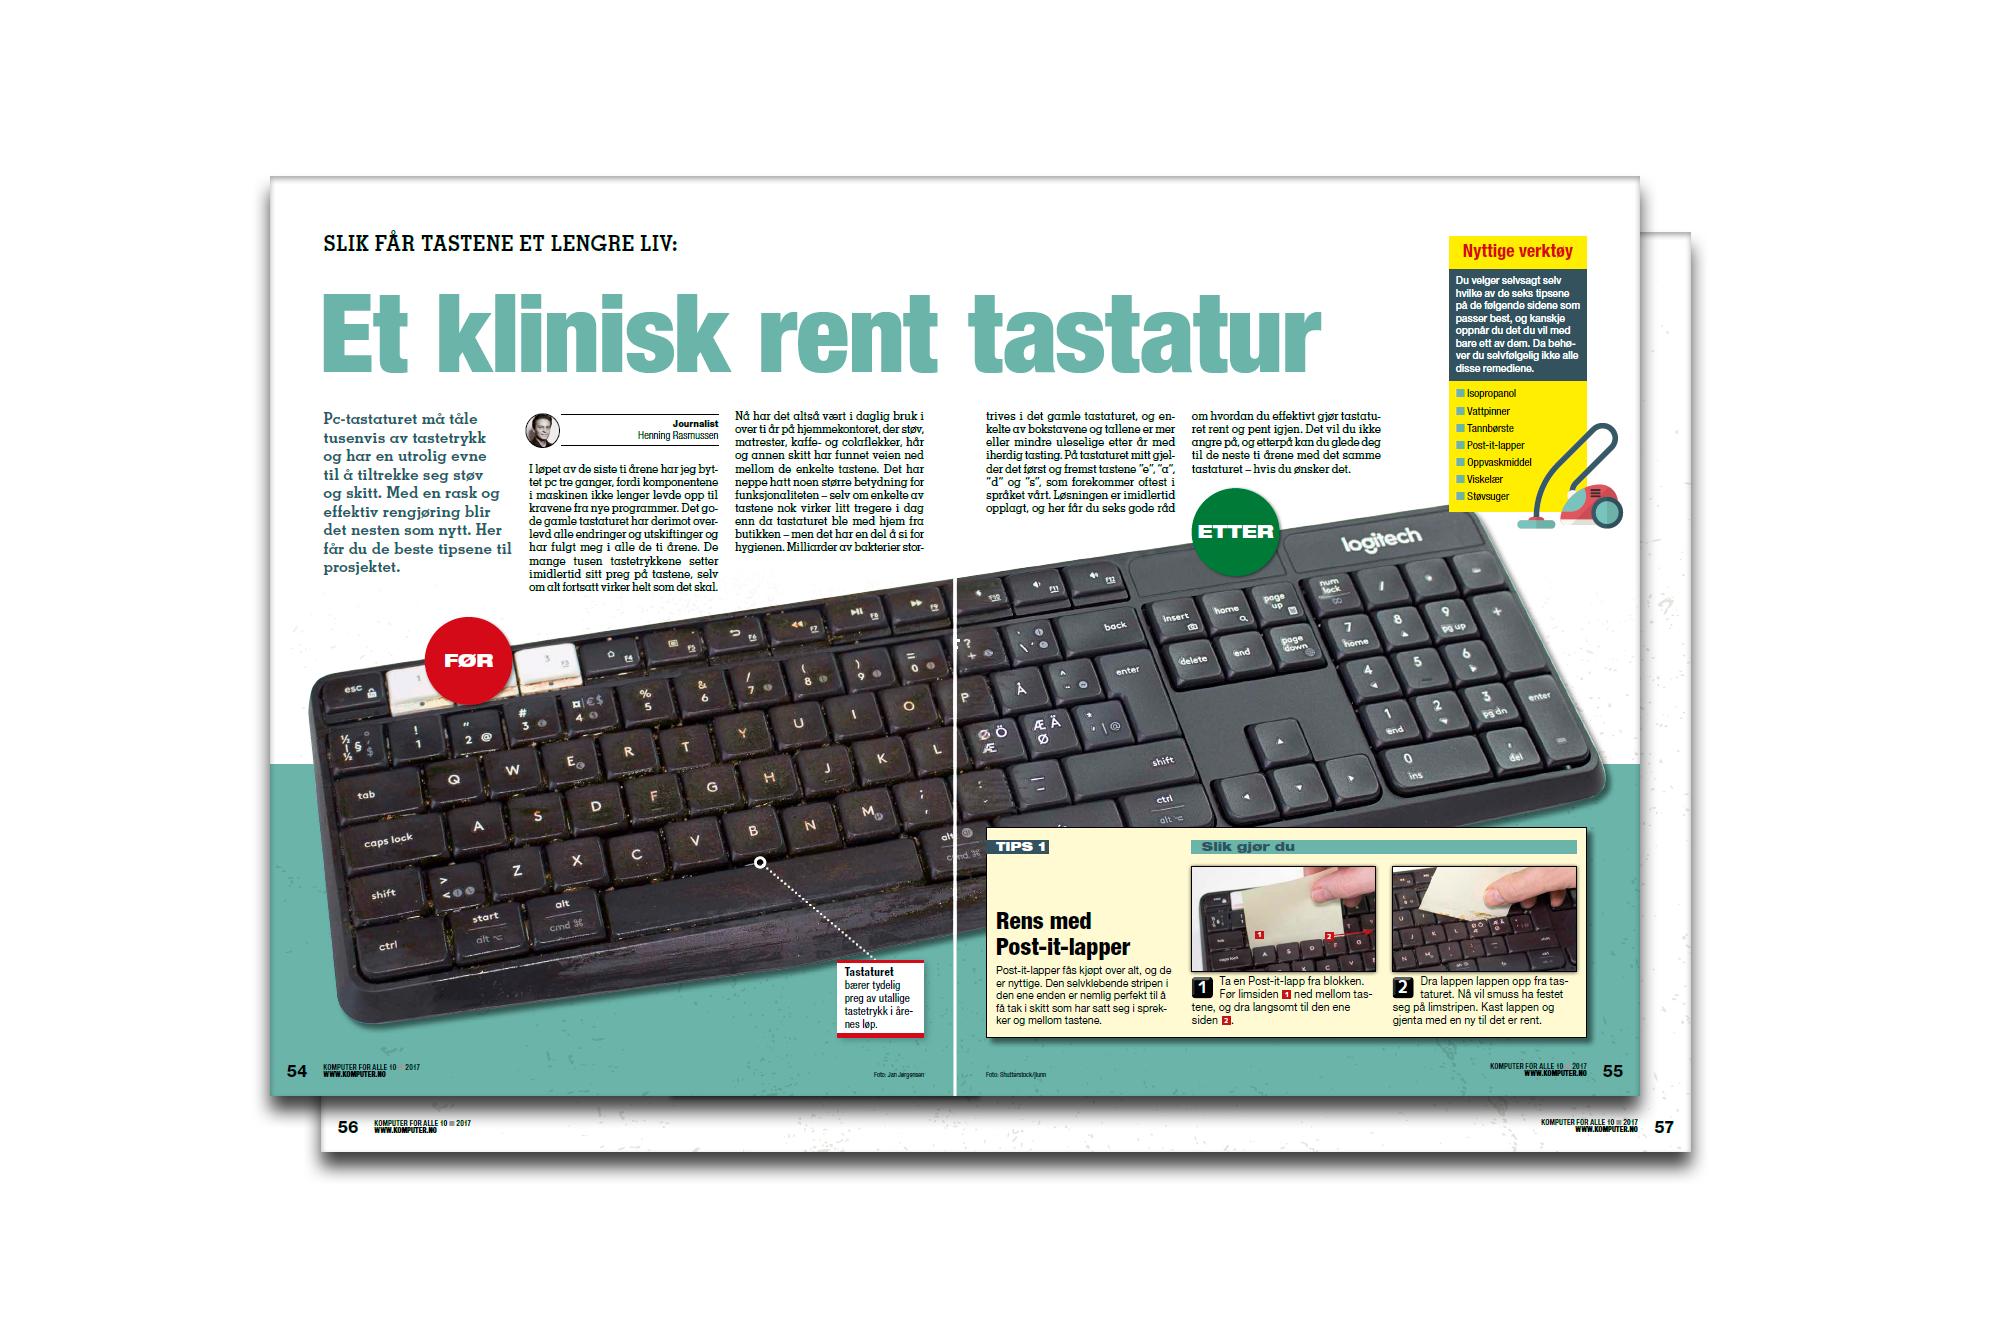 Hjelp: Tastaturet mitt virker ikke! | Komputer.no